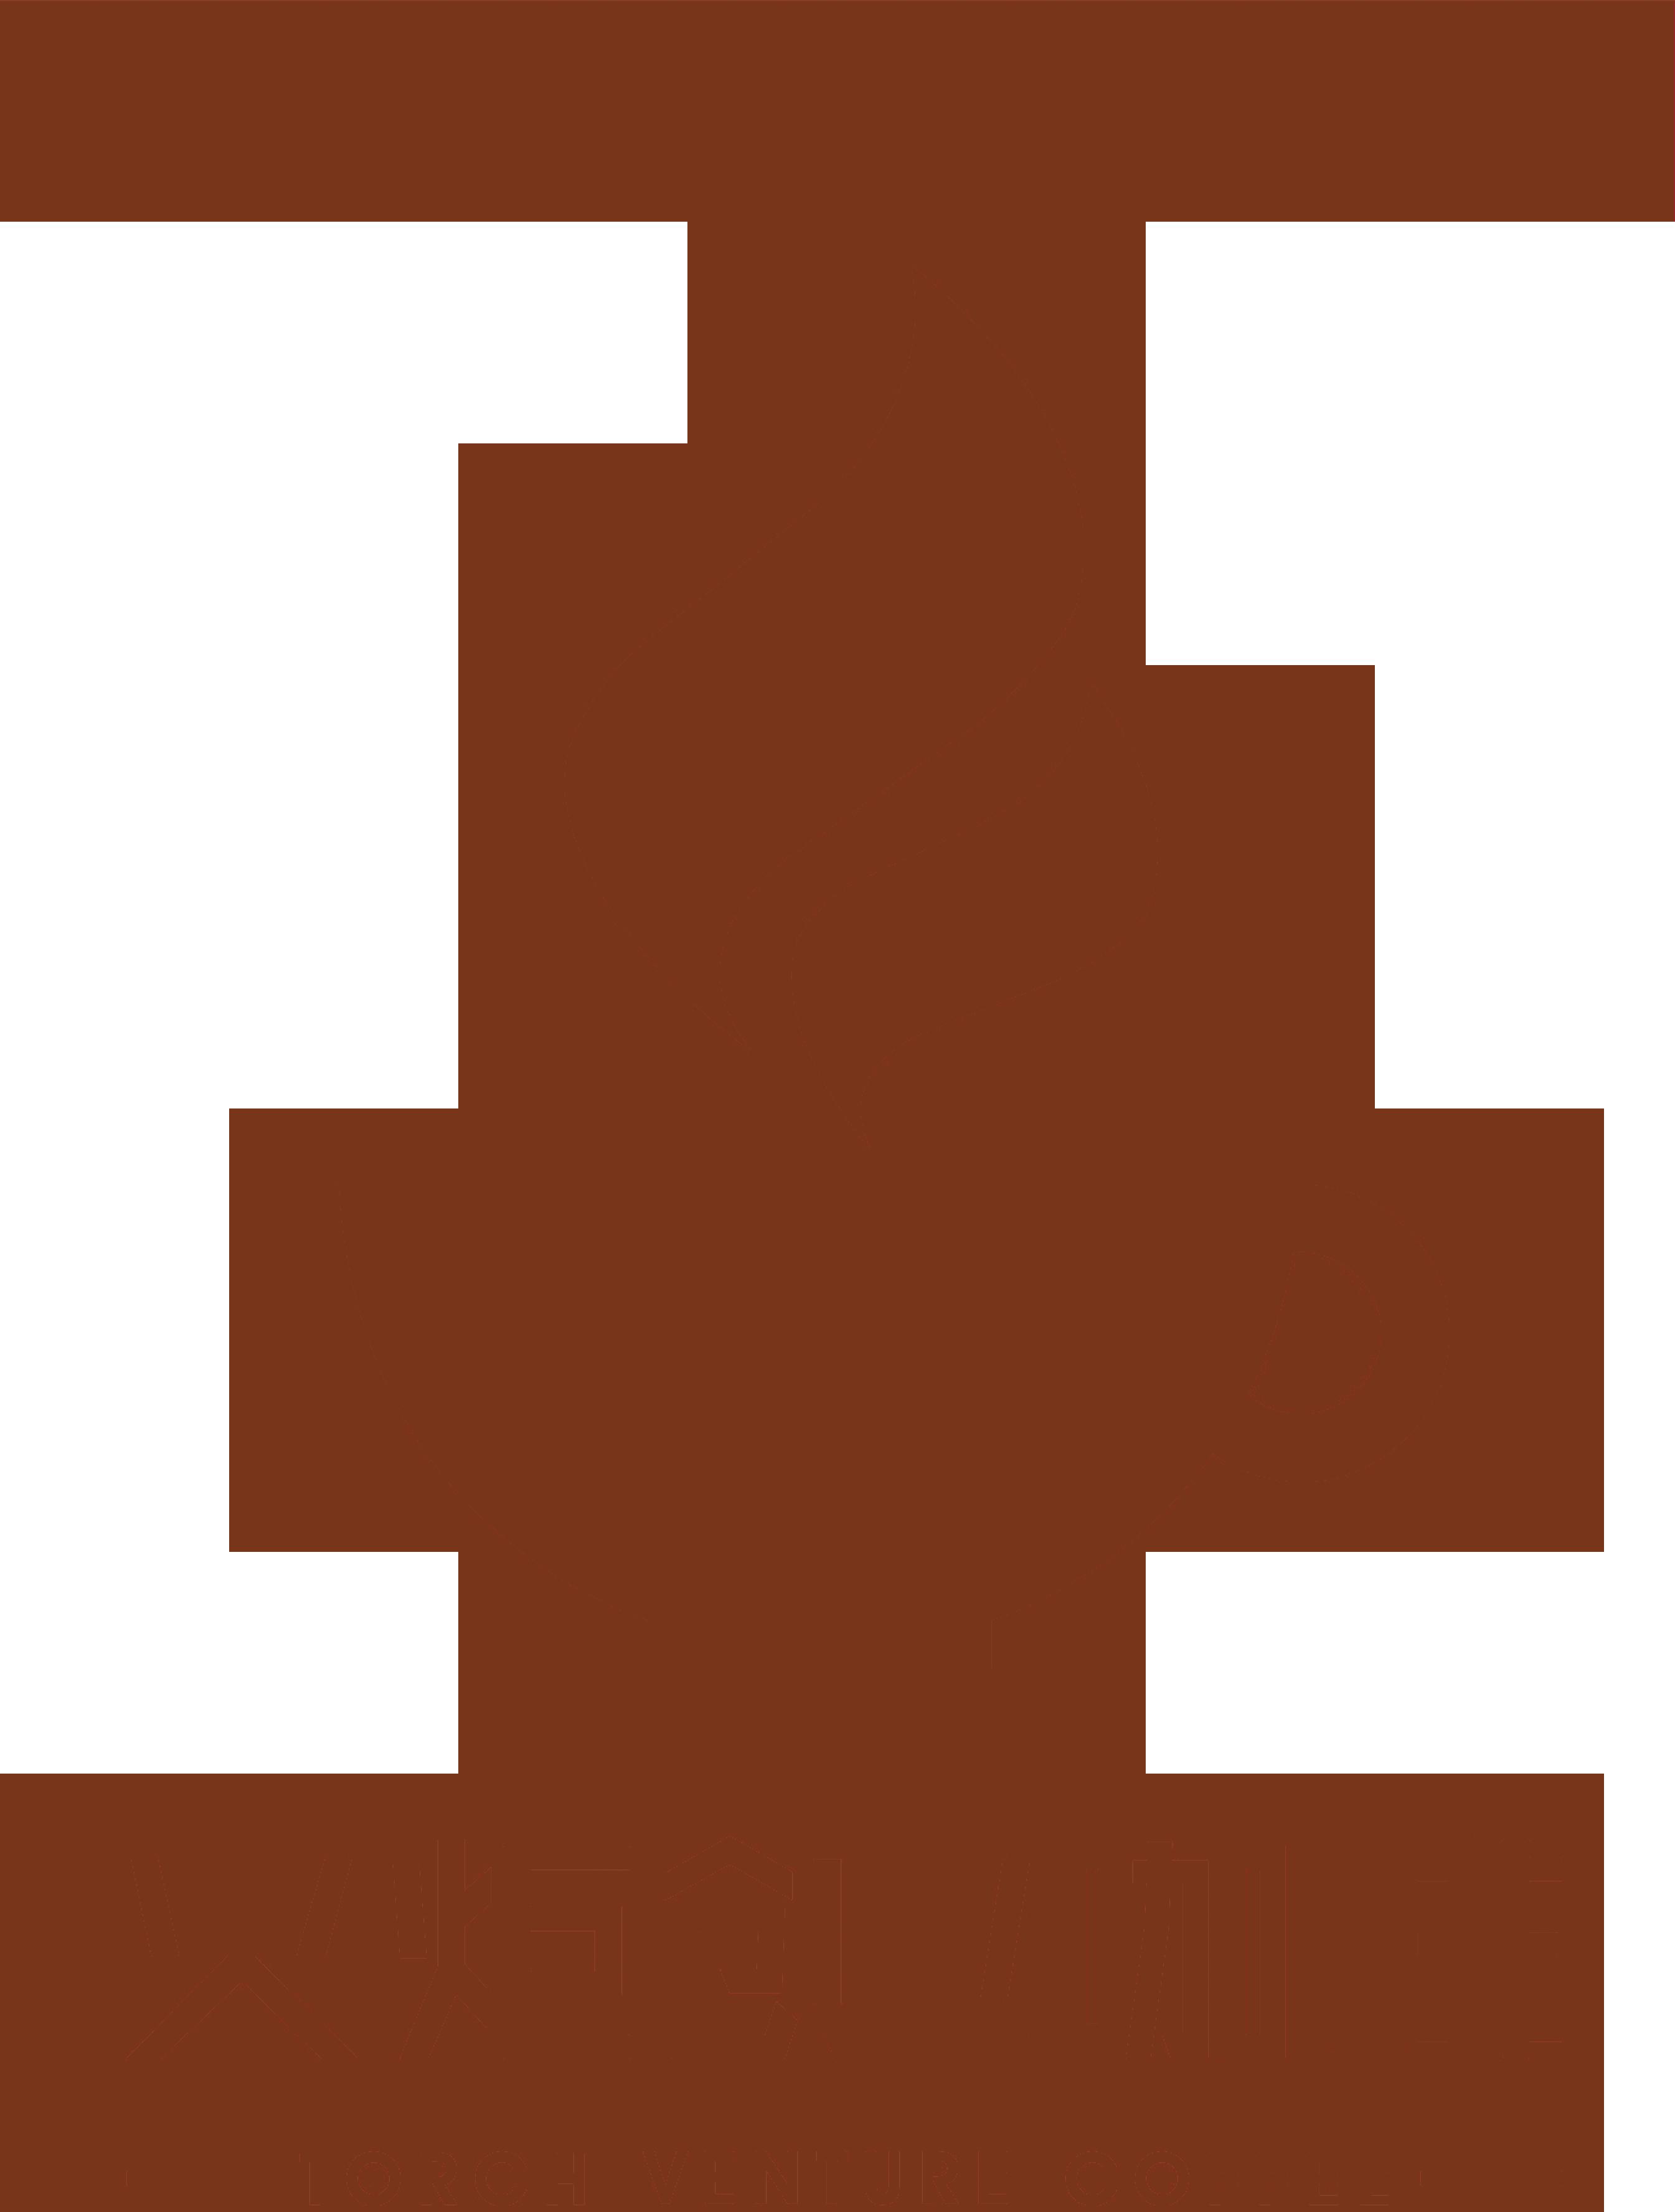 火炬创业咖啡